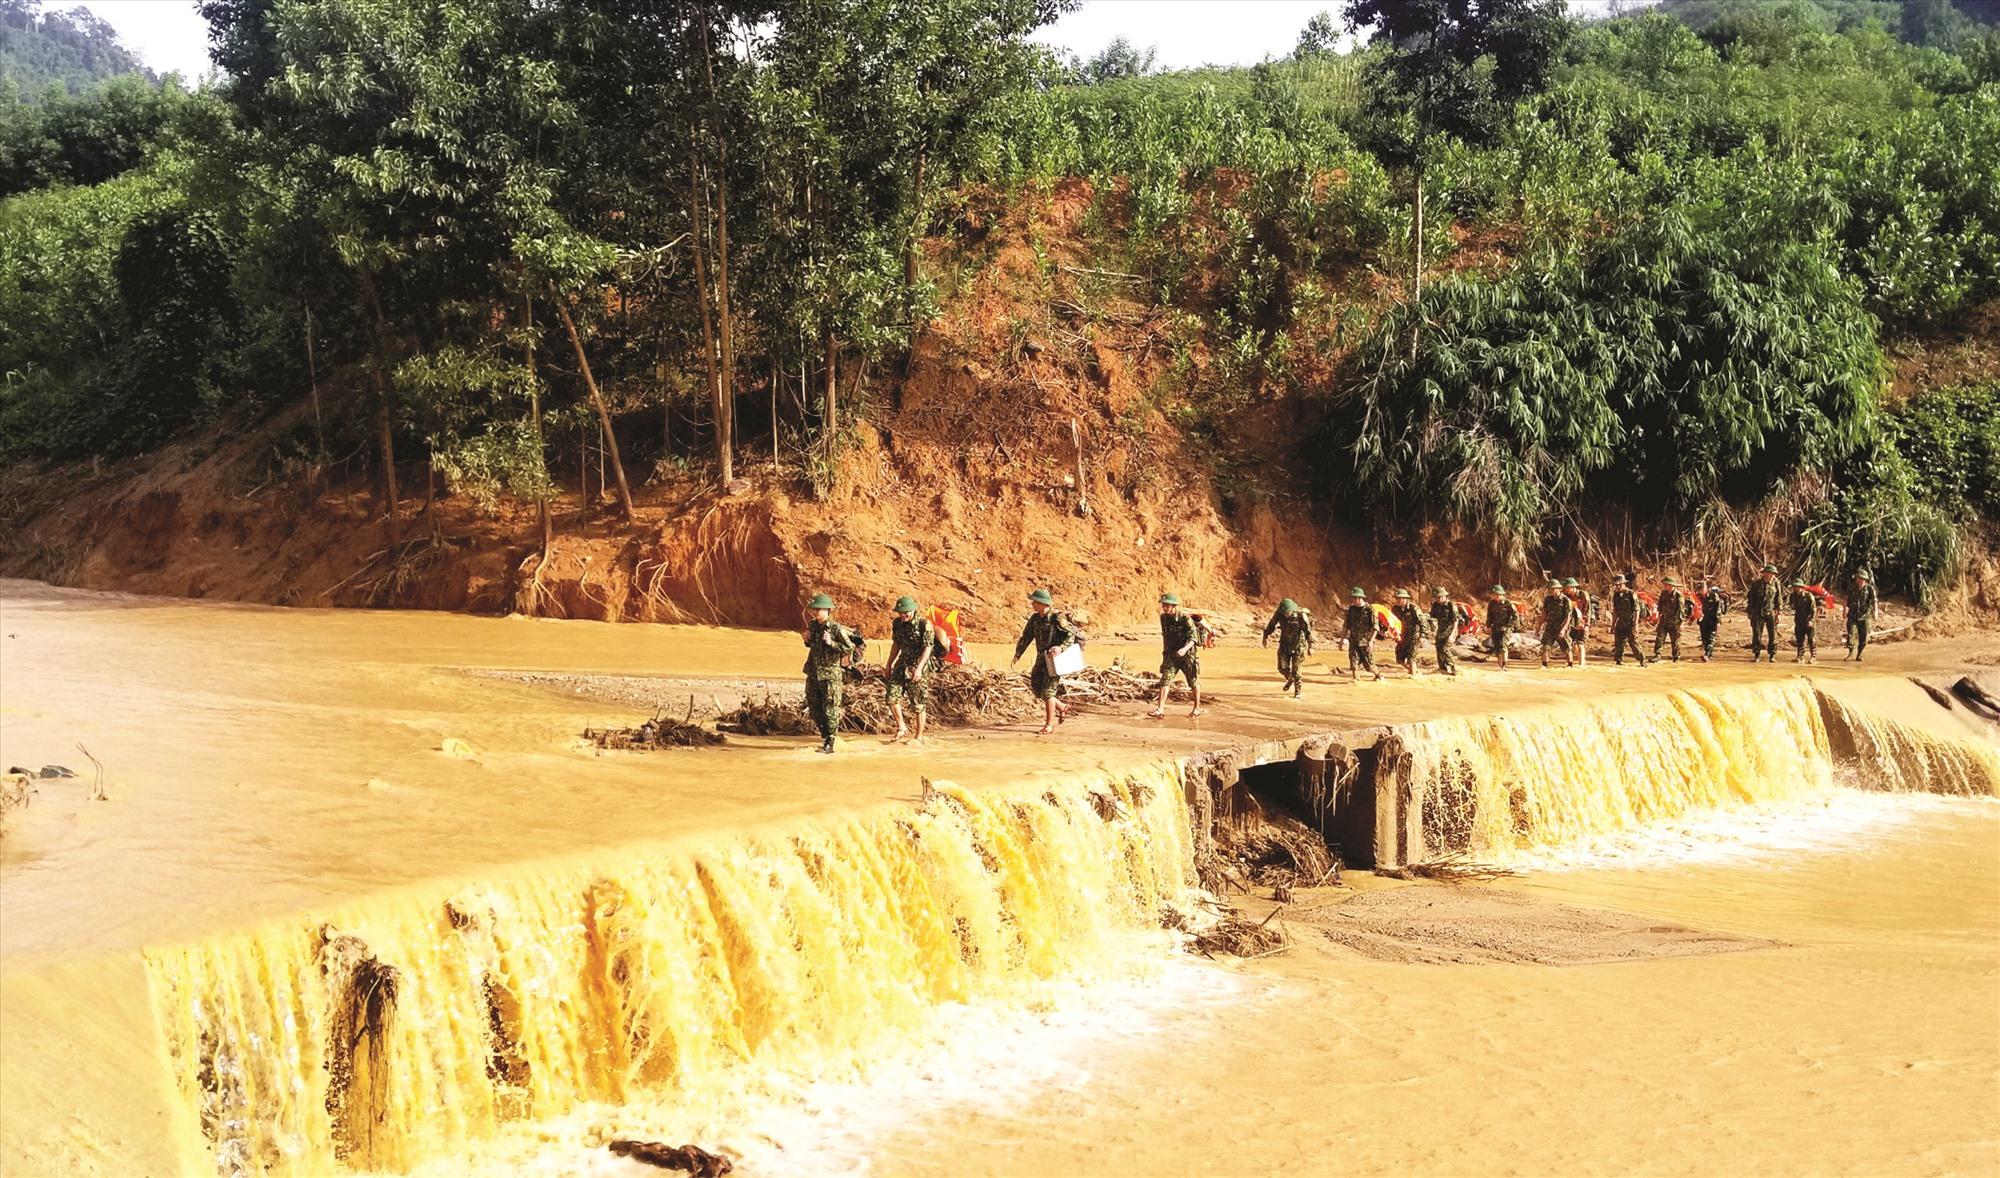 Bộ đội hành quân qua con suối dẫn vào xã Phước Công. Từ nơi này, phải mất hàng chục cây số đường rừng nữa mới tiếp cận được vùng sạt lở núi ở xã Phước Lộc (Phước Sơn). Ảnh: G.C